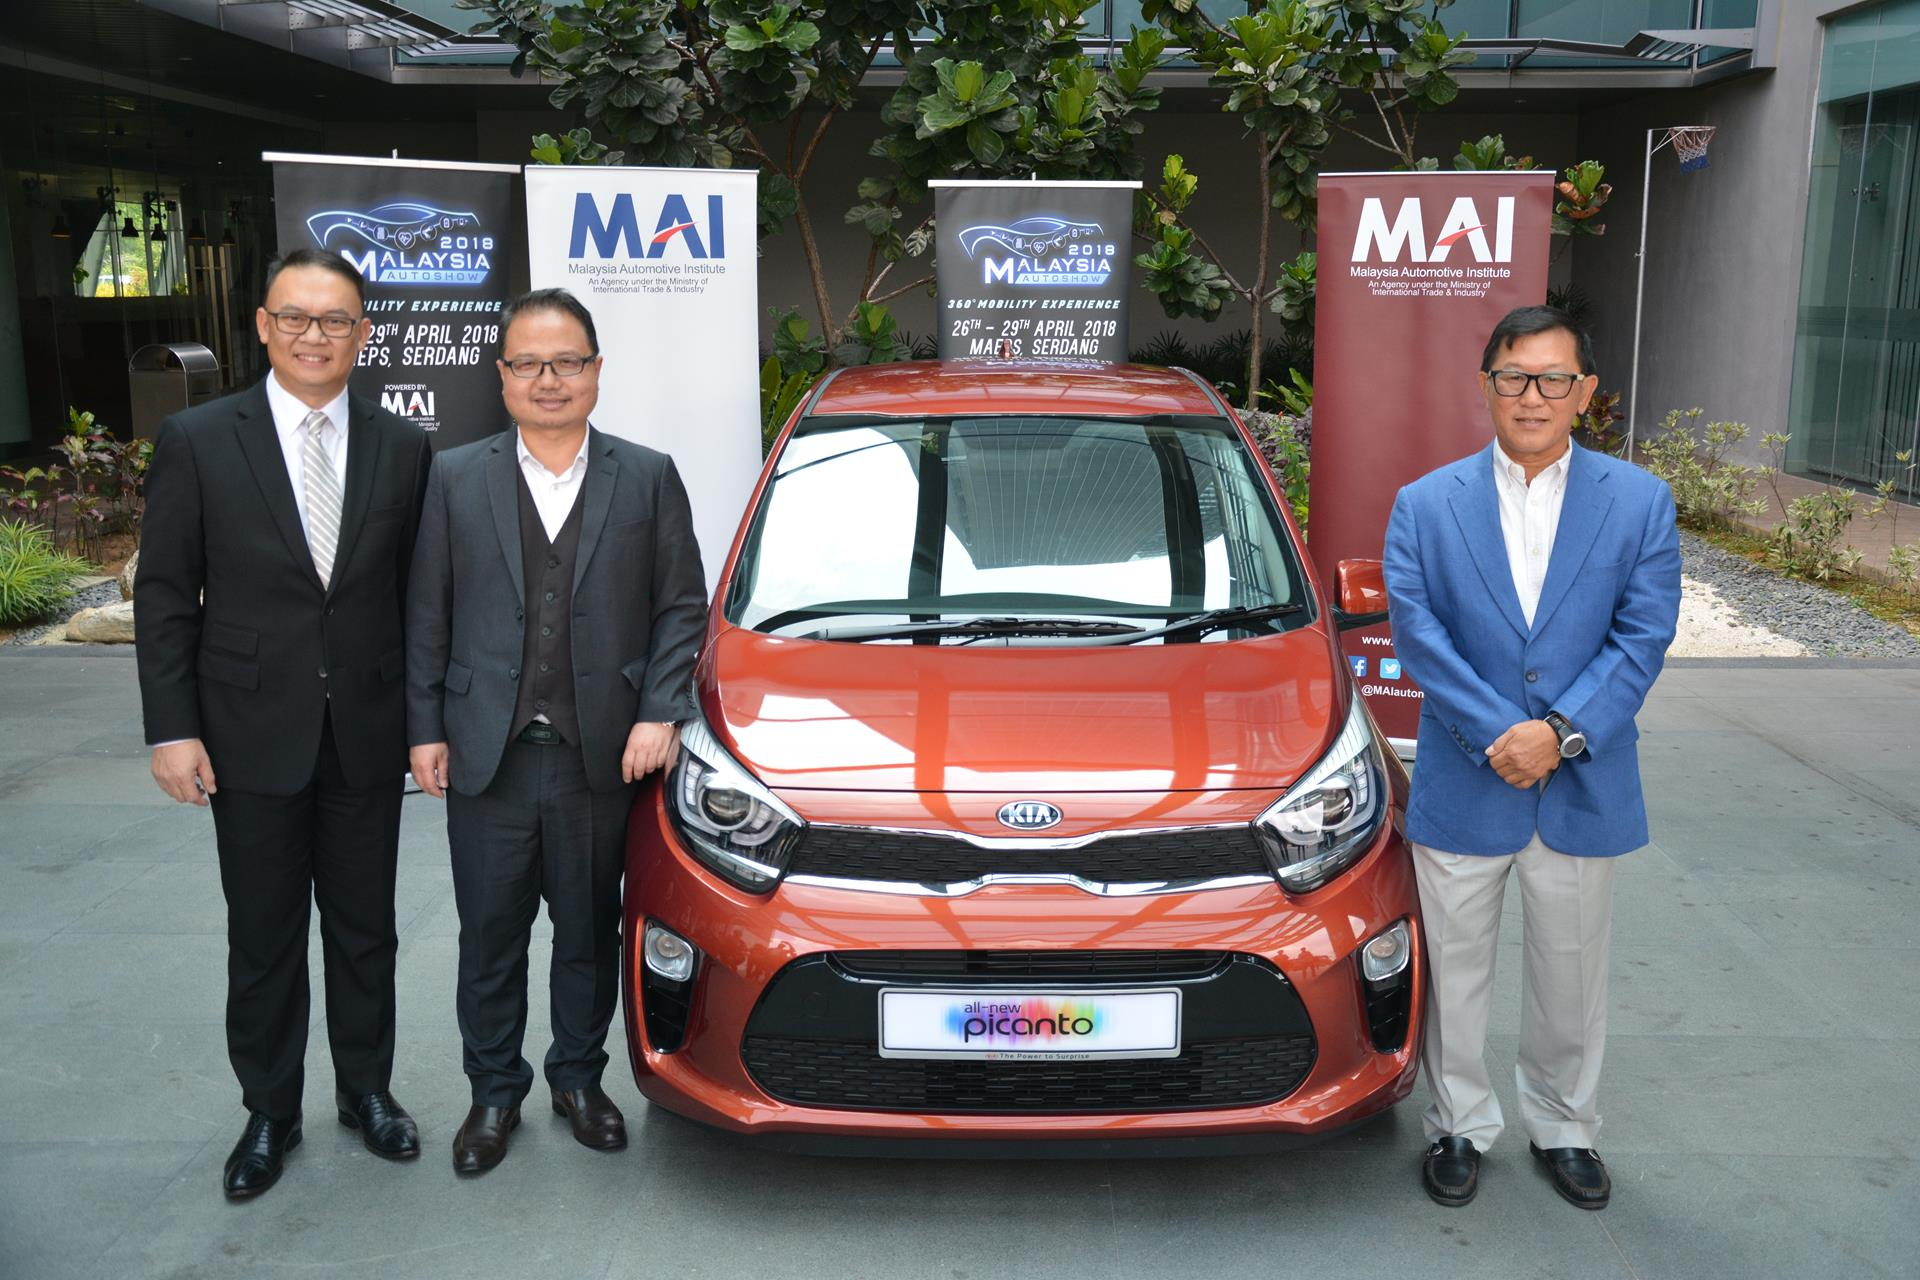 borgward is back at the malaysia autoshow